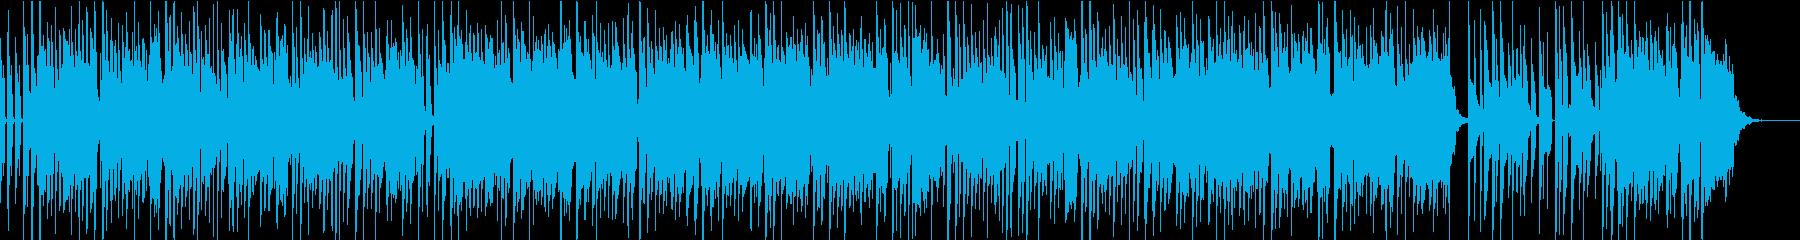 音楽番組にピッタリ、元気の出るポップスの再生済みの波形